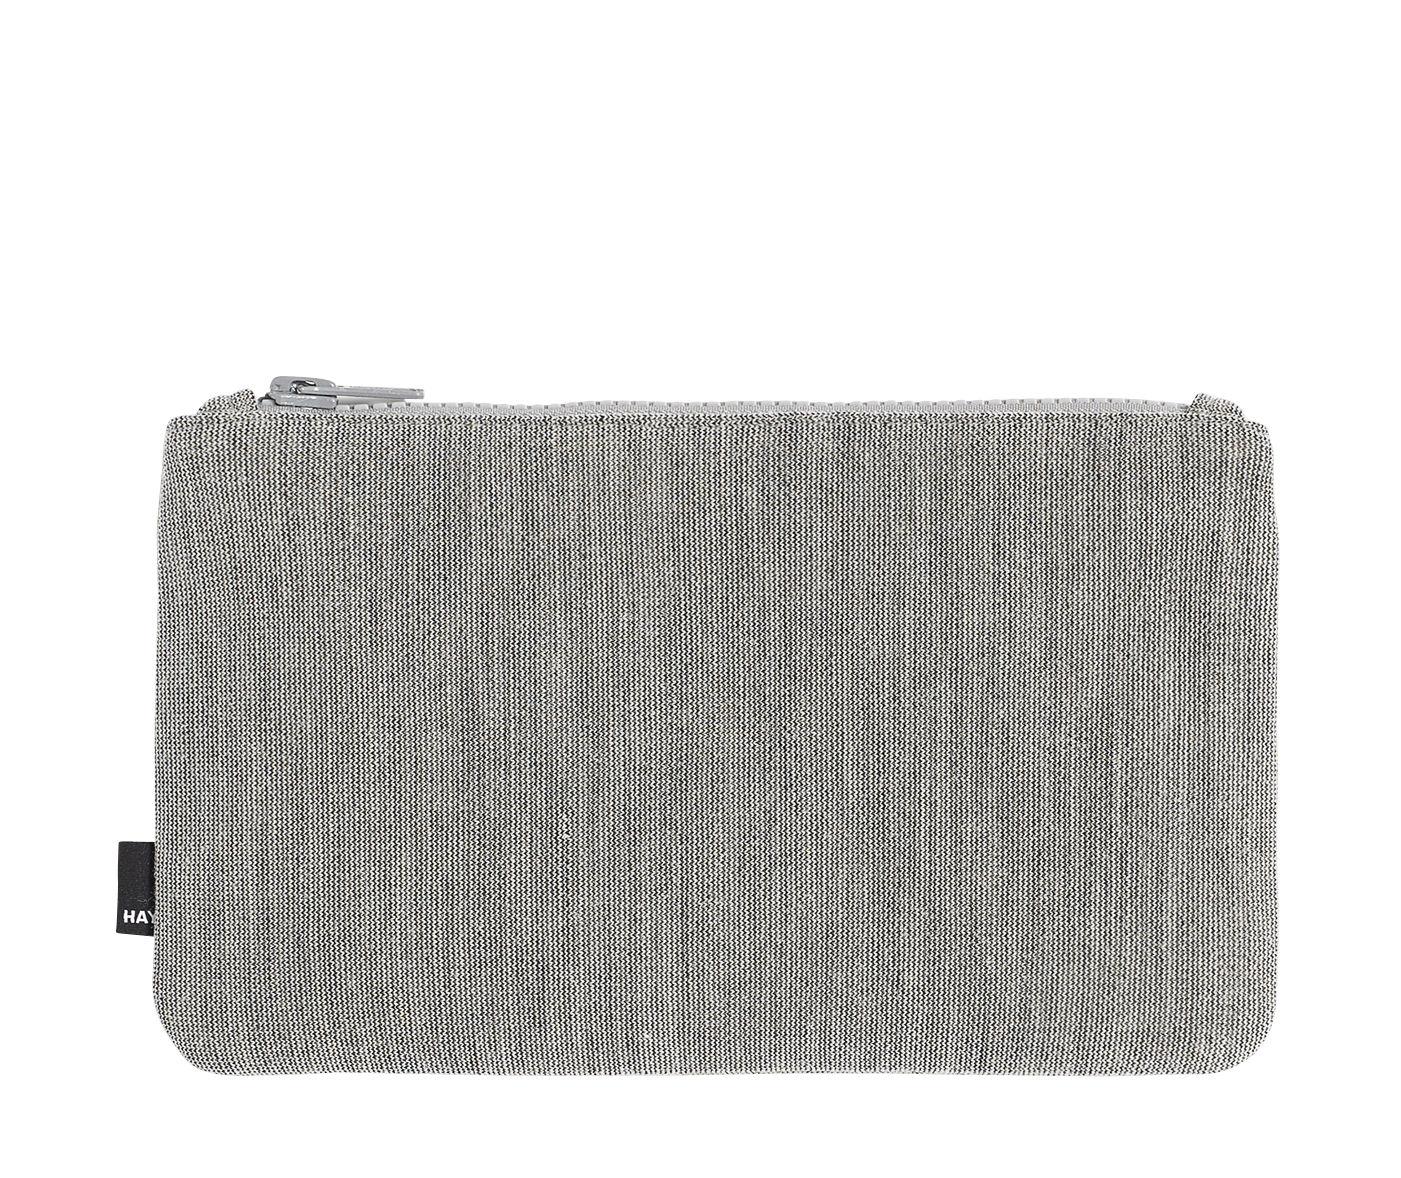 Accessoires - Taschen, Kulturbeutel und Geldbörsen - Zip Medium Federmappe / L 22,5 x H 14 cm - Hay - Hellgrau - Kvadrat-Gewebe